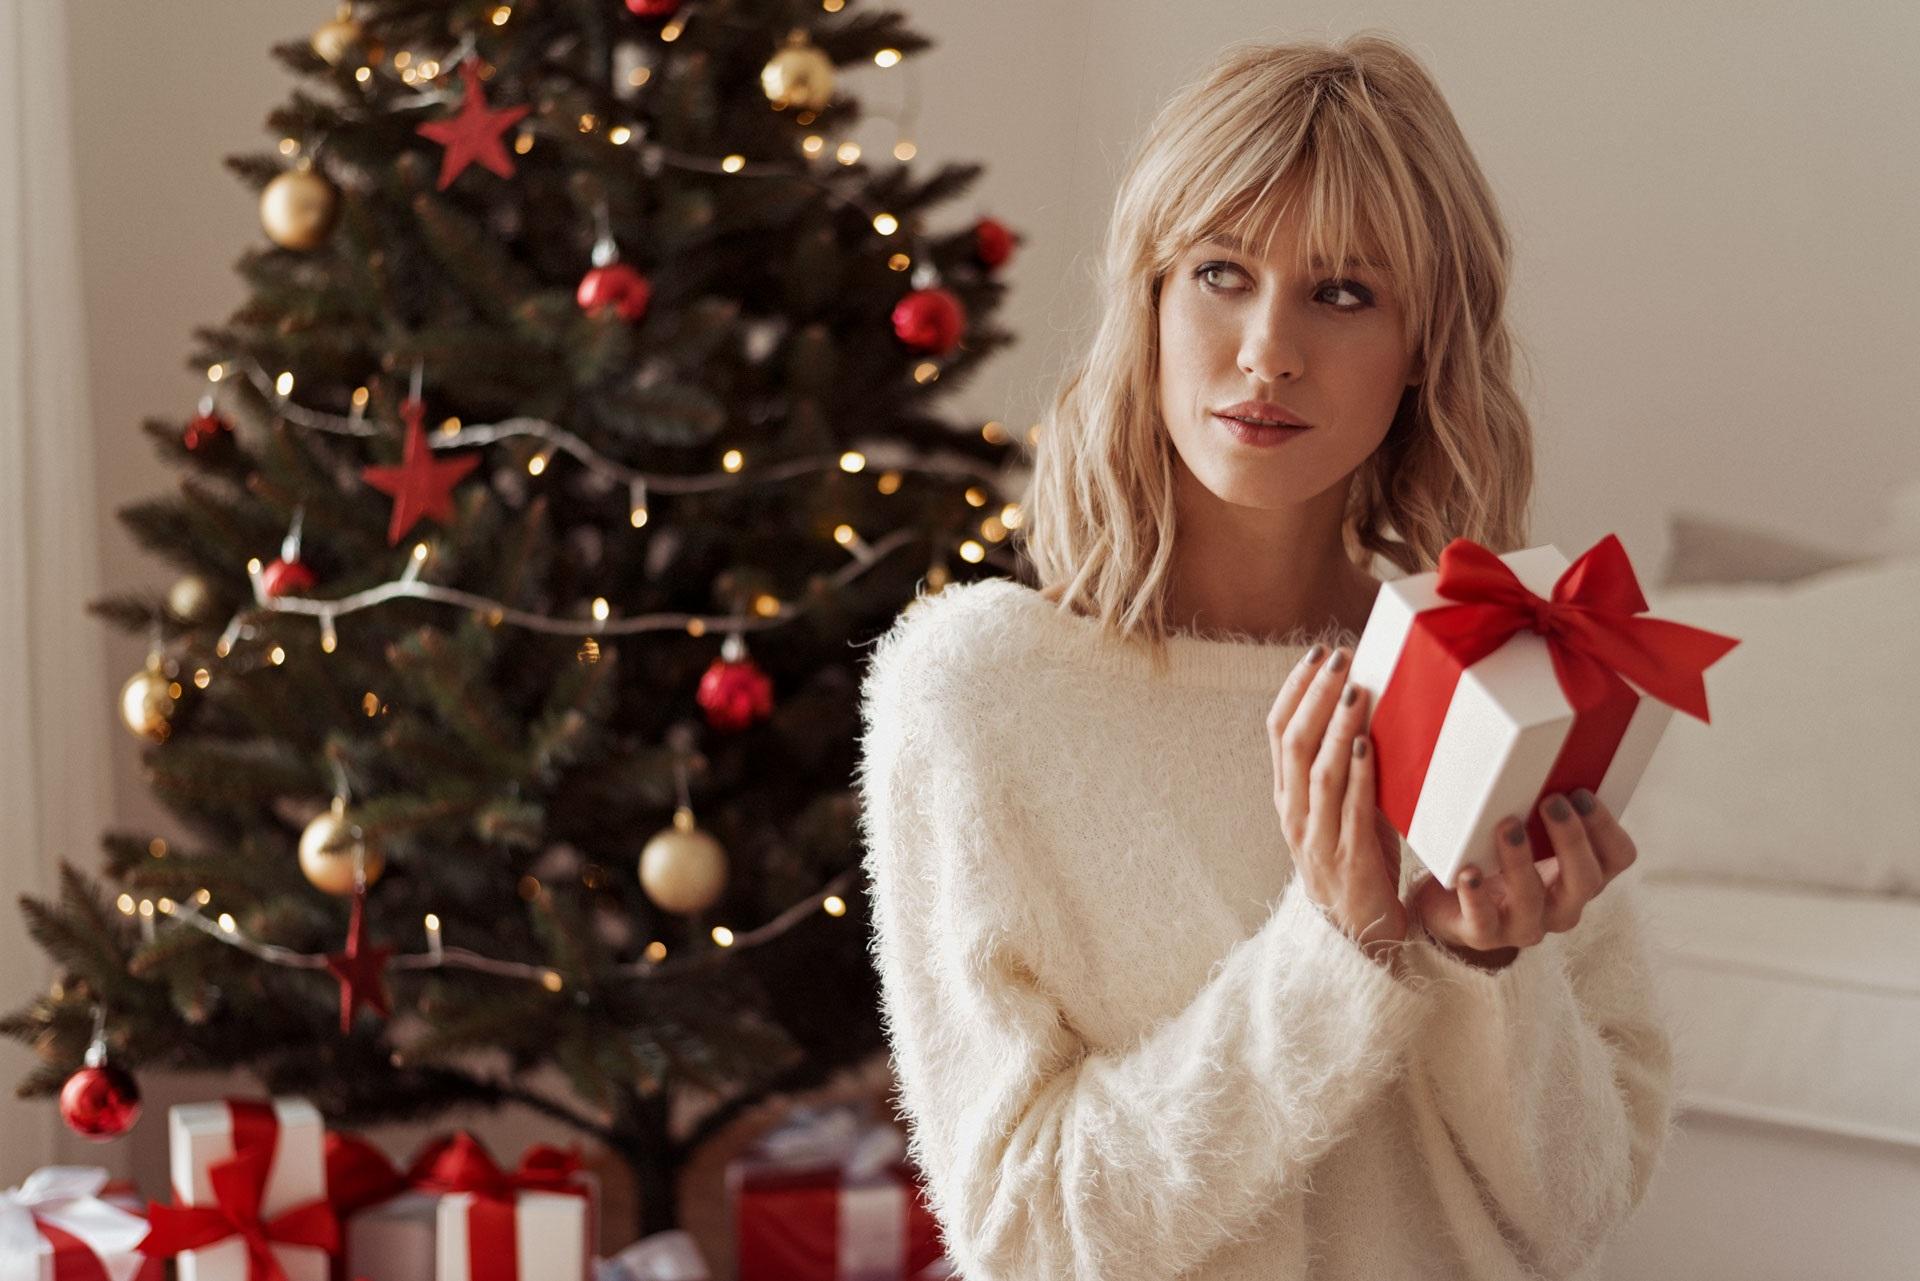 Najlepsze prezenty dla kobiet na Boże Narodzenie